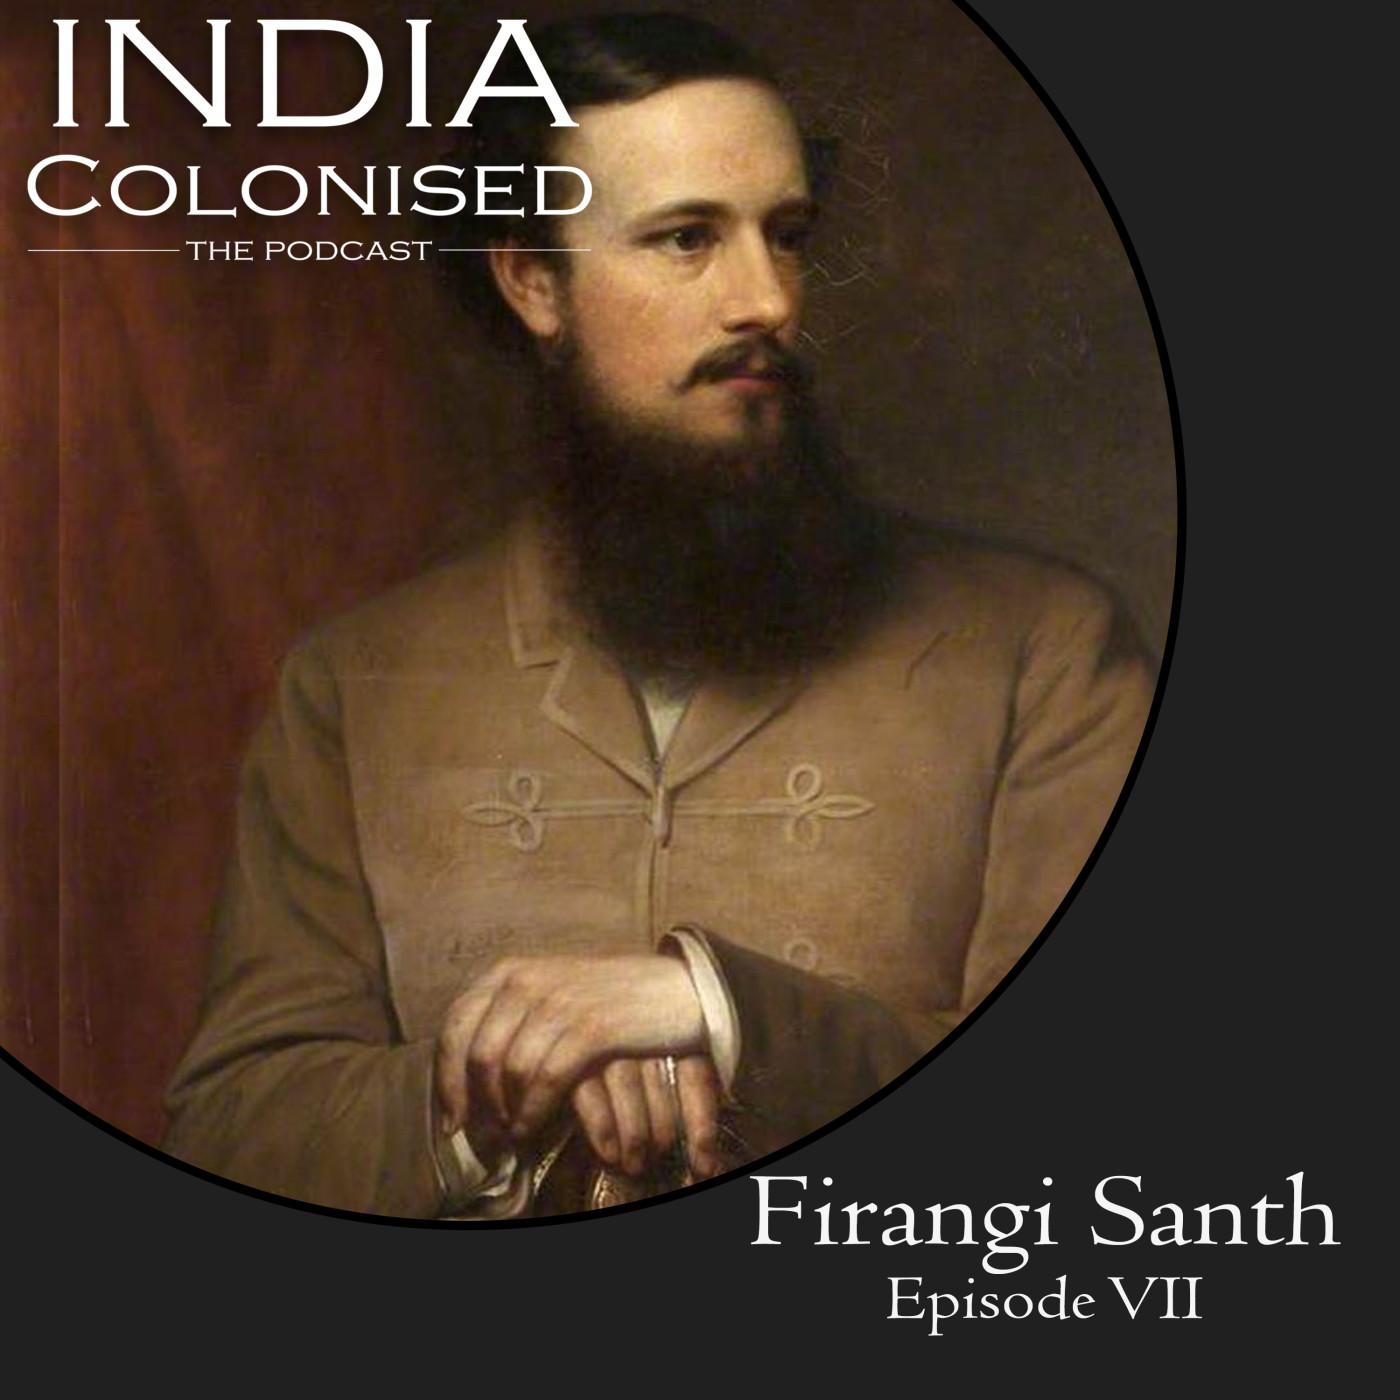 Episode 07: Firangi Santh